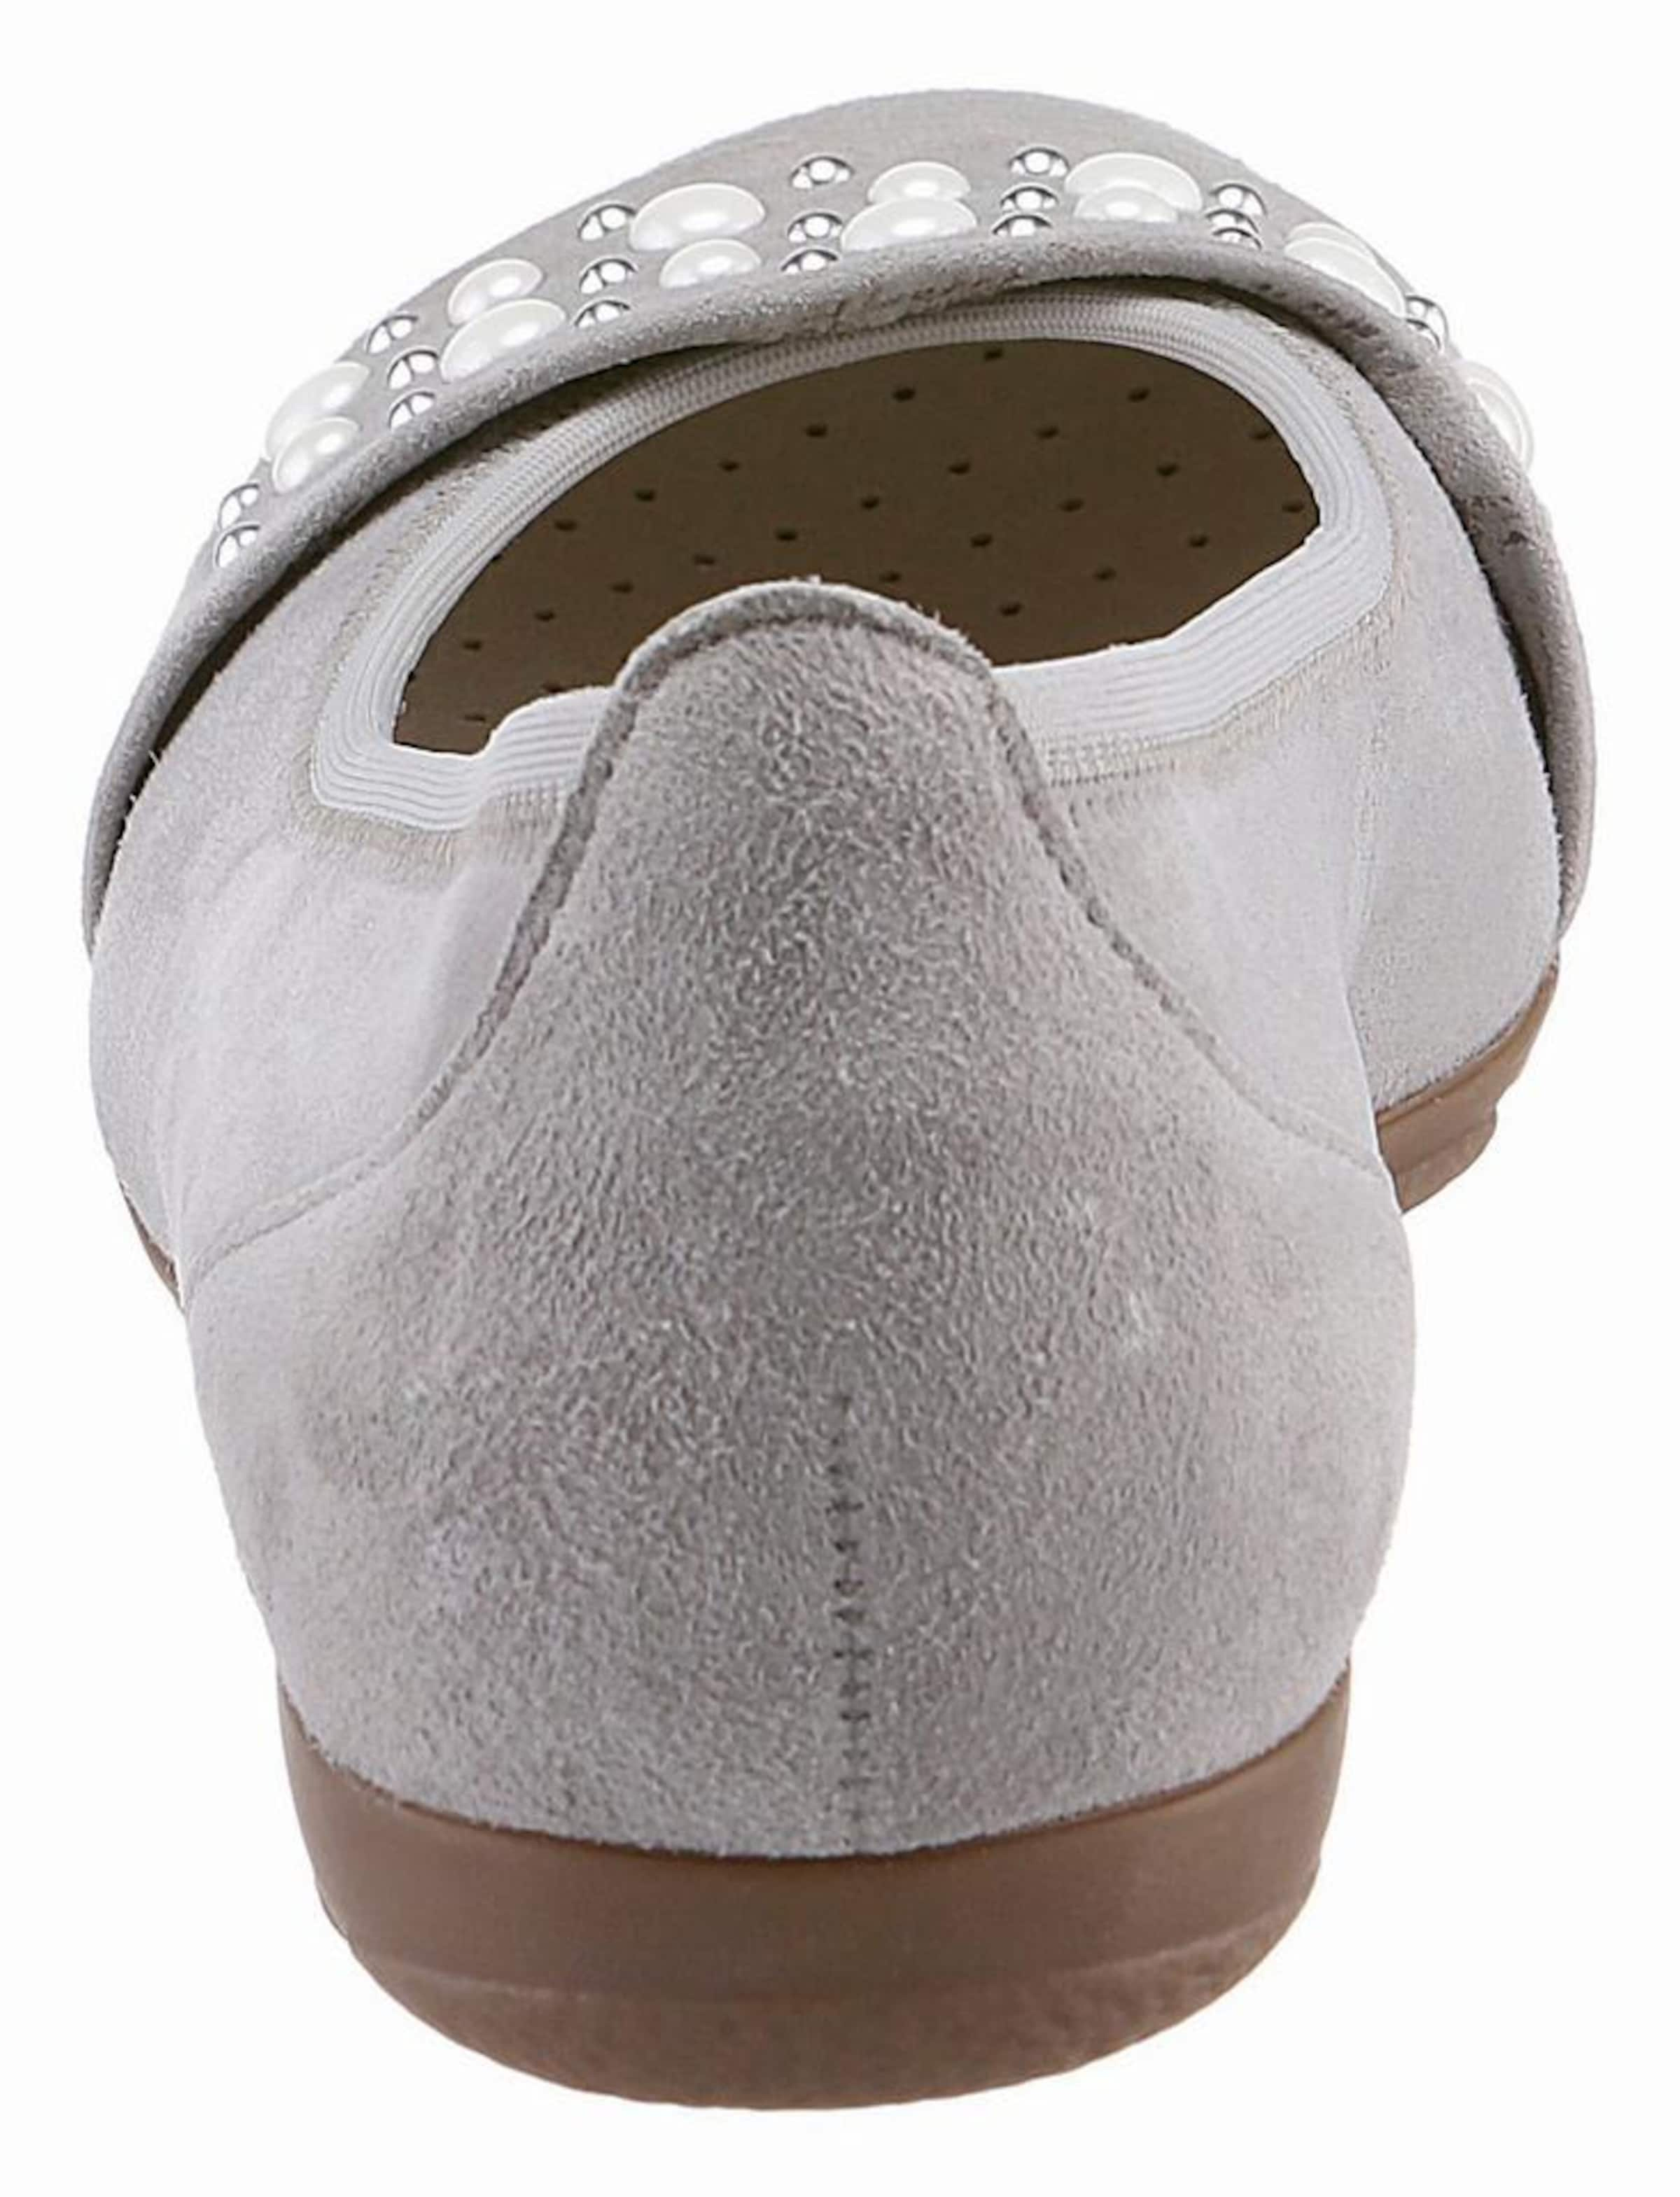 Footlocker Finish Zum Verkauf GABOR Ballerina Billig Ausverkauf Verkauf Ebay Empfehlen Online lxOIR3JGw